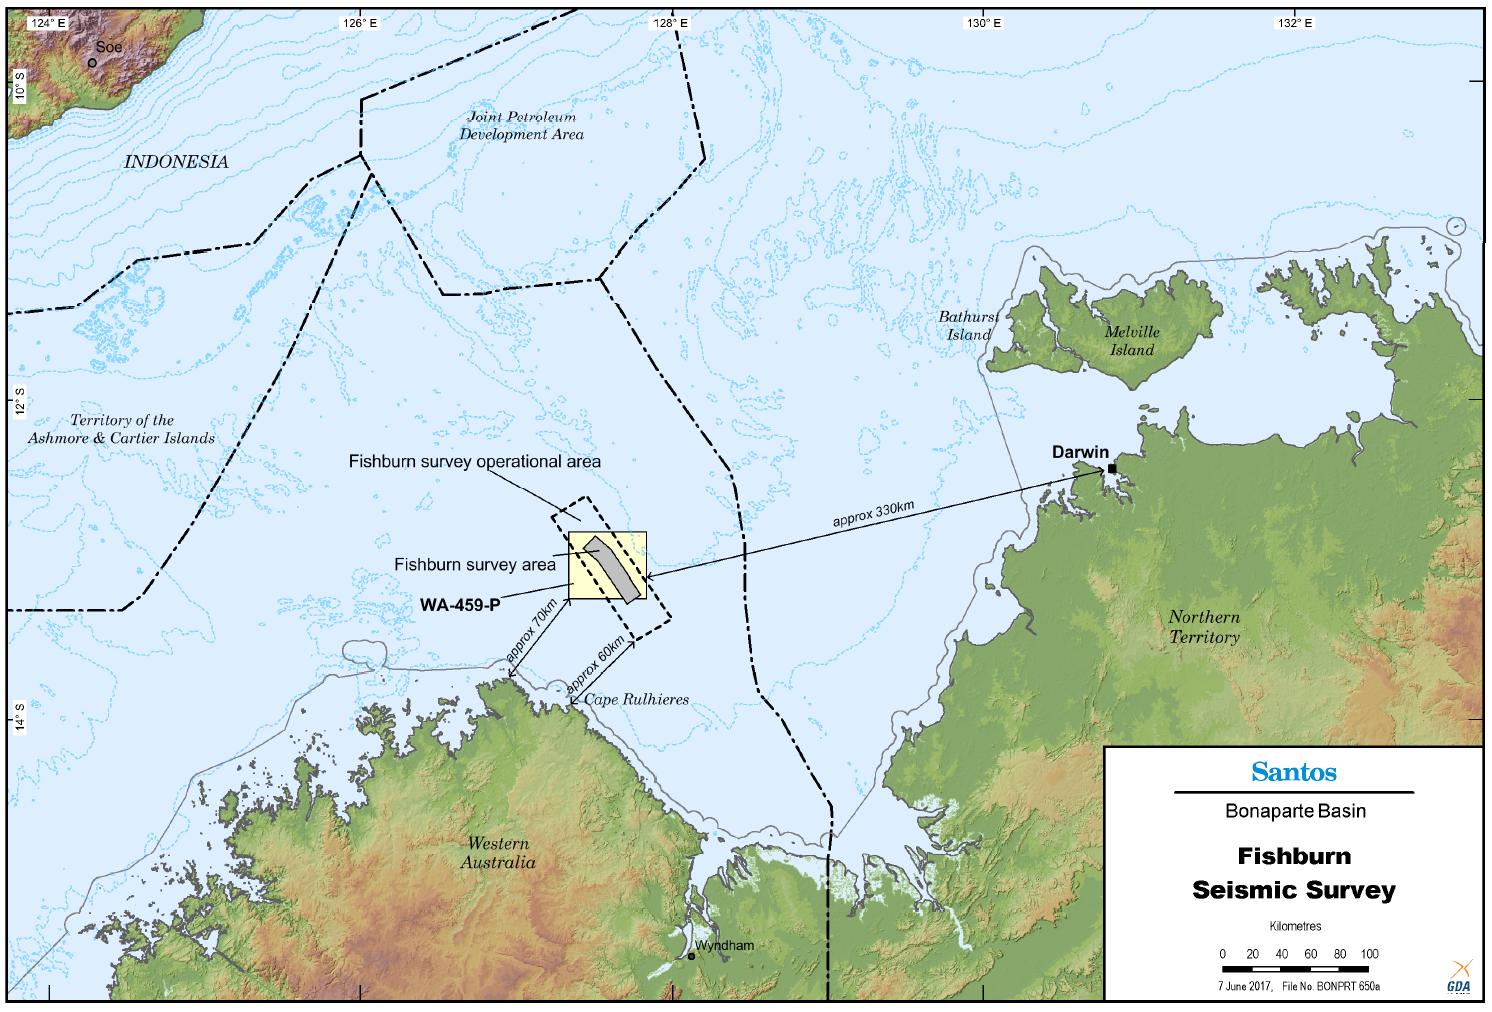 Location map - Activity: Fishburn WA-459-P 3D Seismic Survey (refer to description)